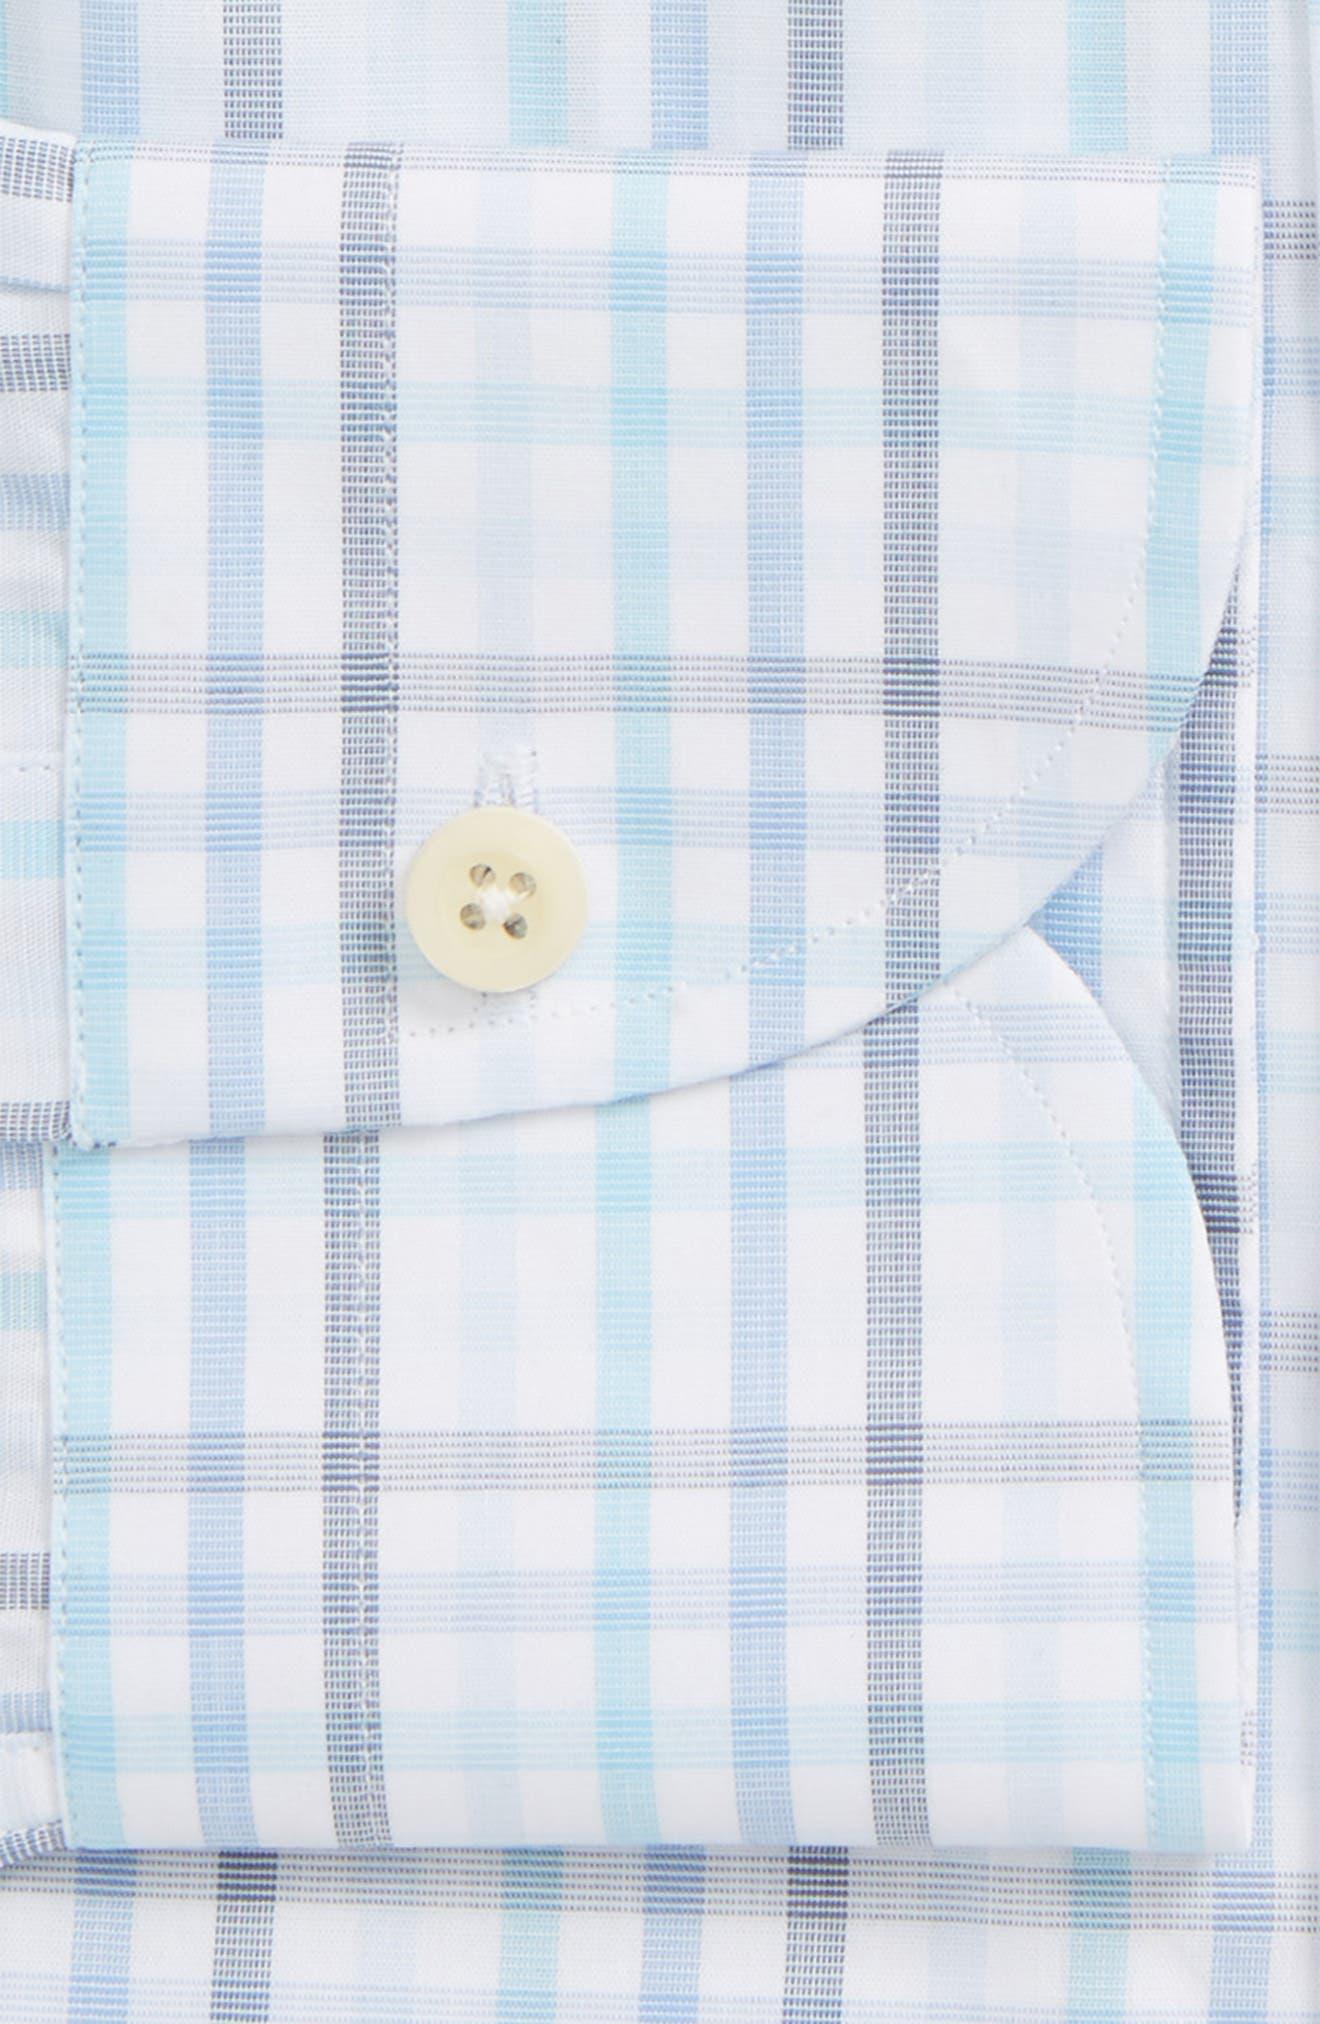 Pelton Slim Fit Check Dress Shirt,                             Alternate thumbnail 5, color,                             Turquoise/ Aqua